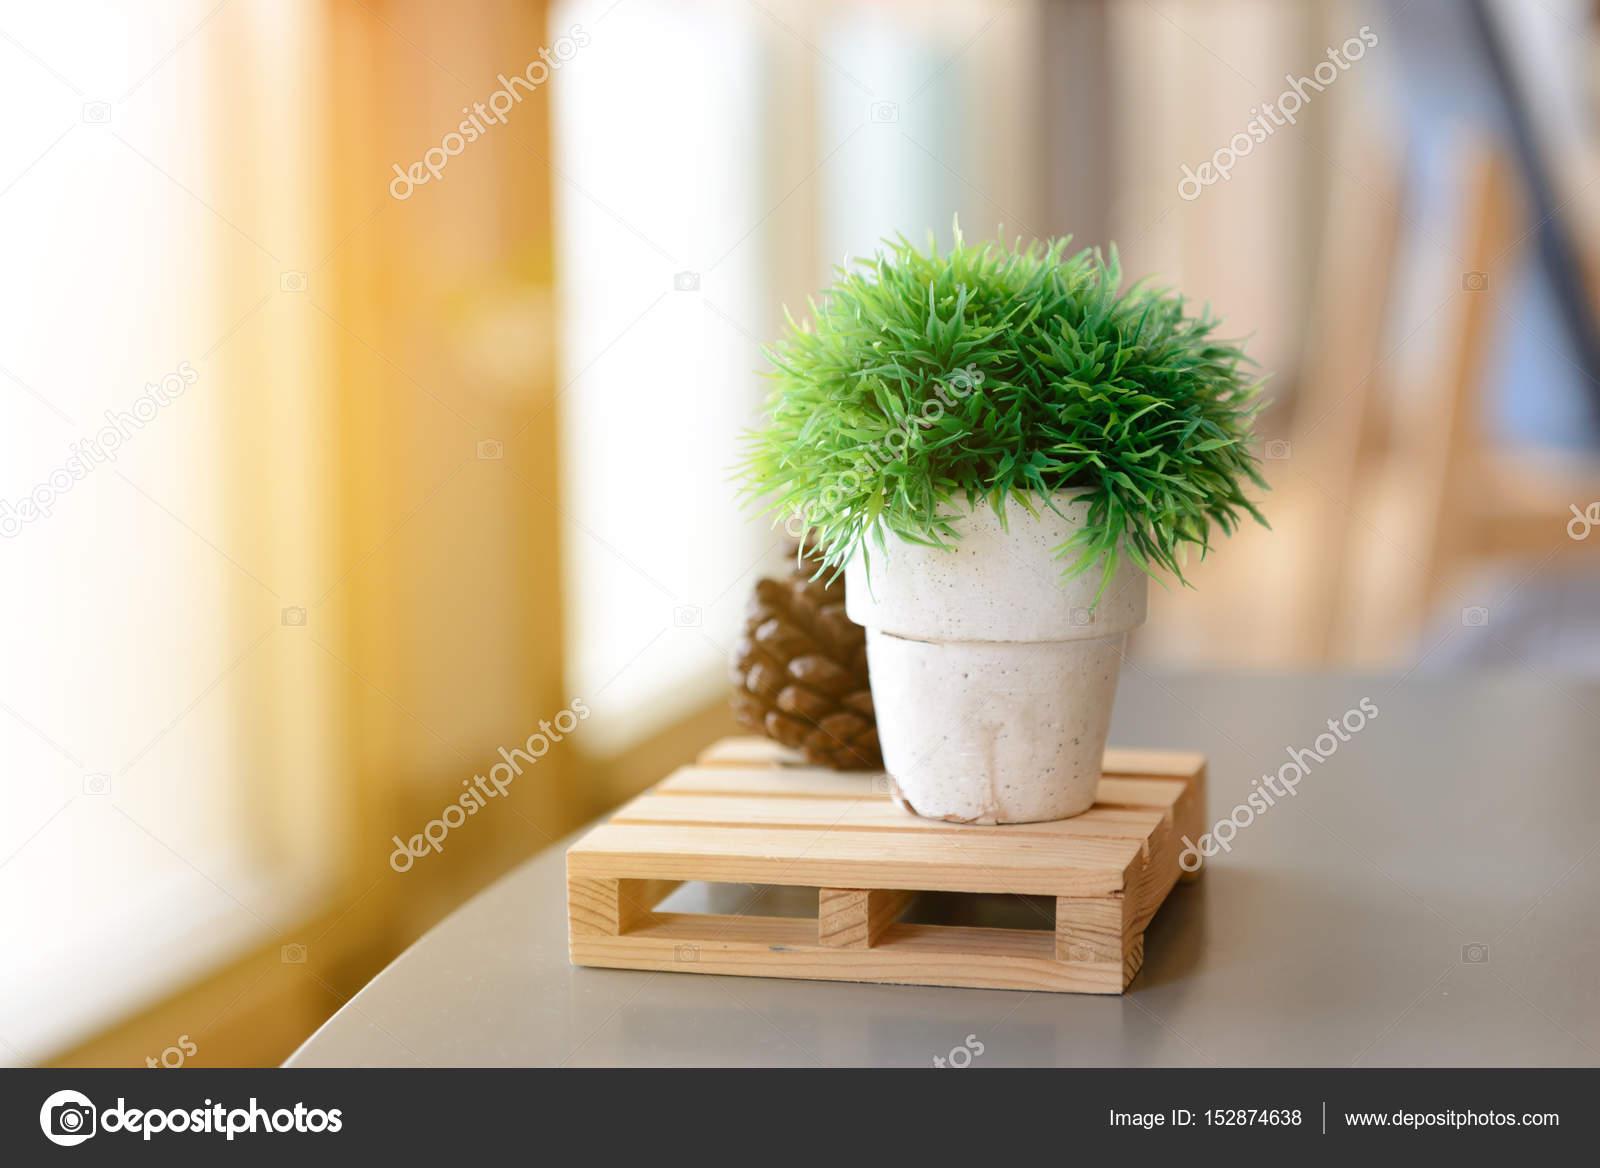 Kleine kunstmatige bomen of kunstgras in vaas op tafel met kopie